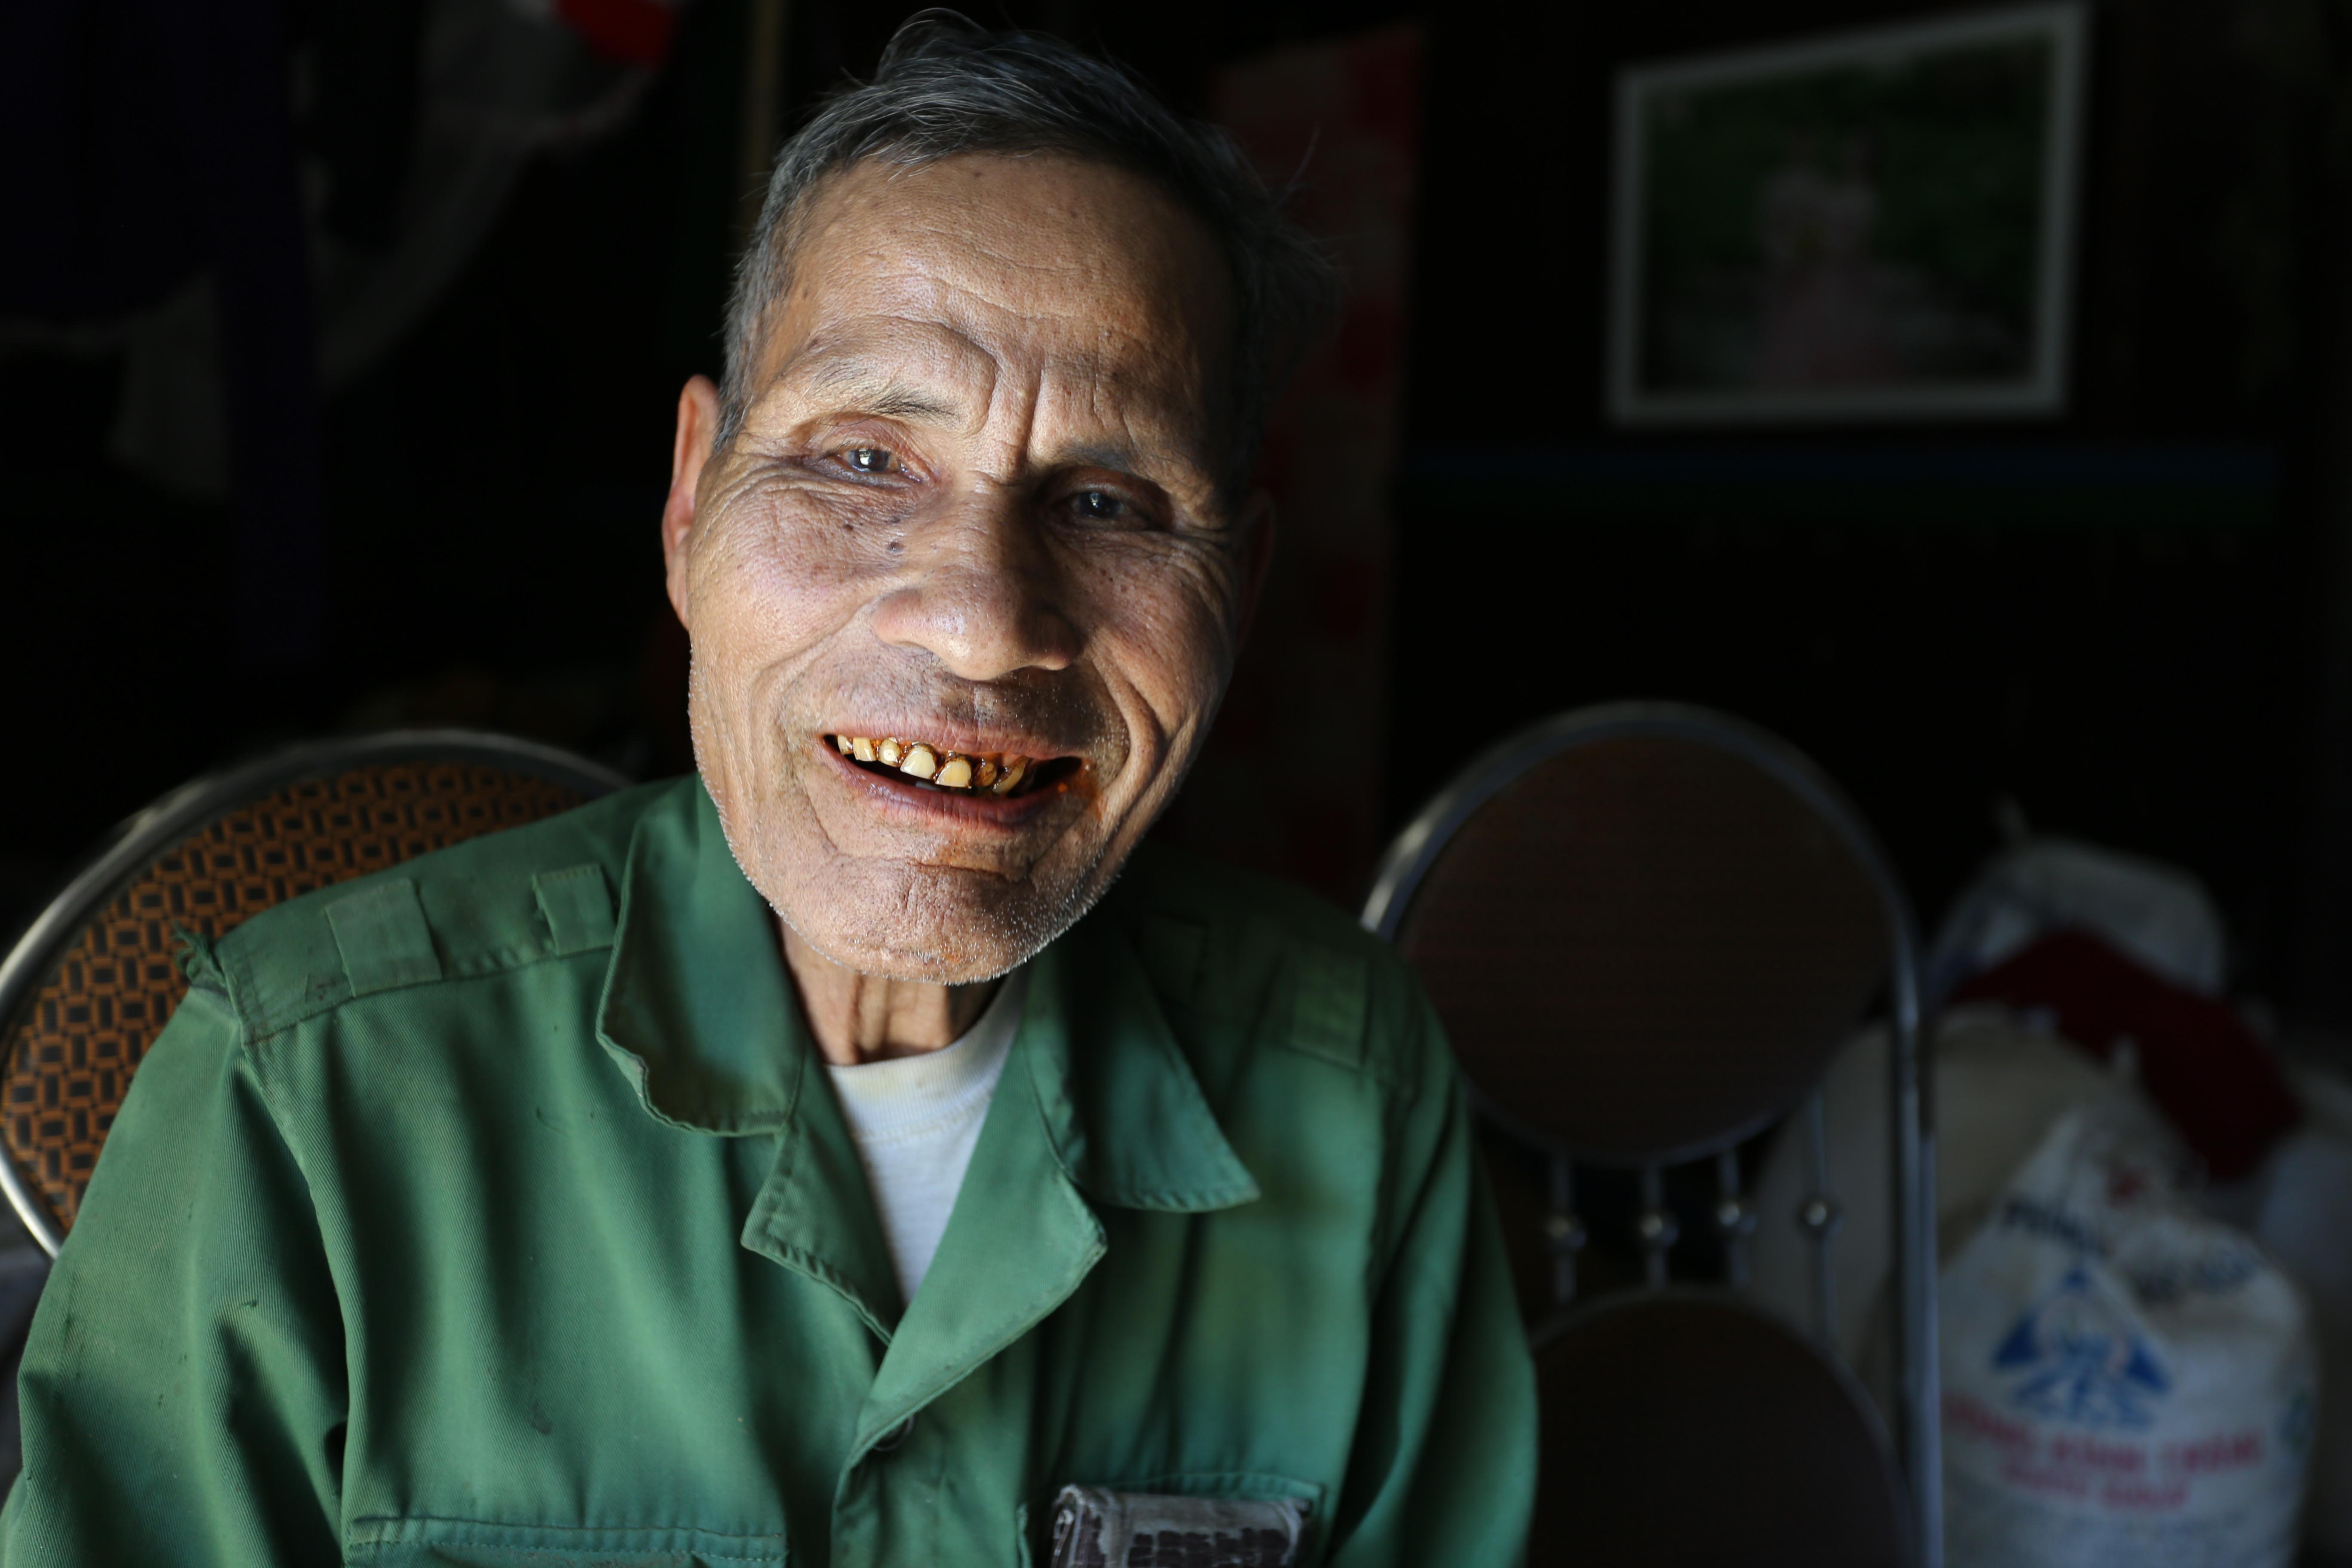 Già làng Đông không uống rượu chỉ ăn trầu, 83 tuổi vẫn khỏe mạnh.